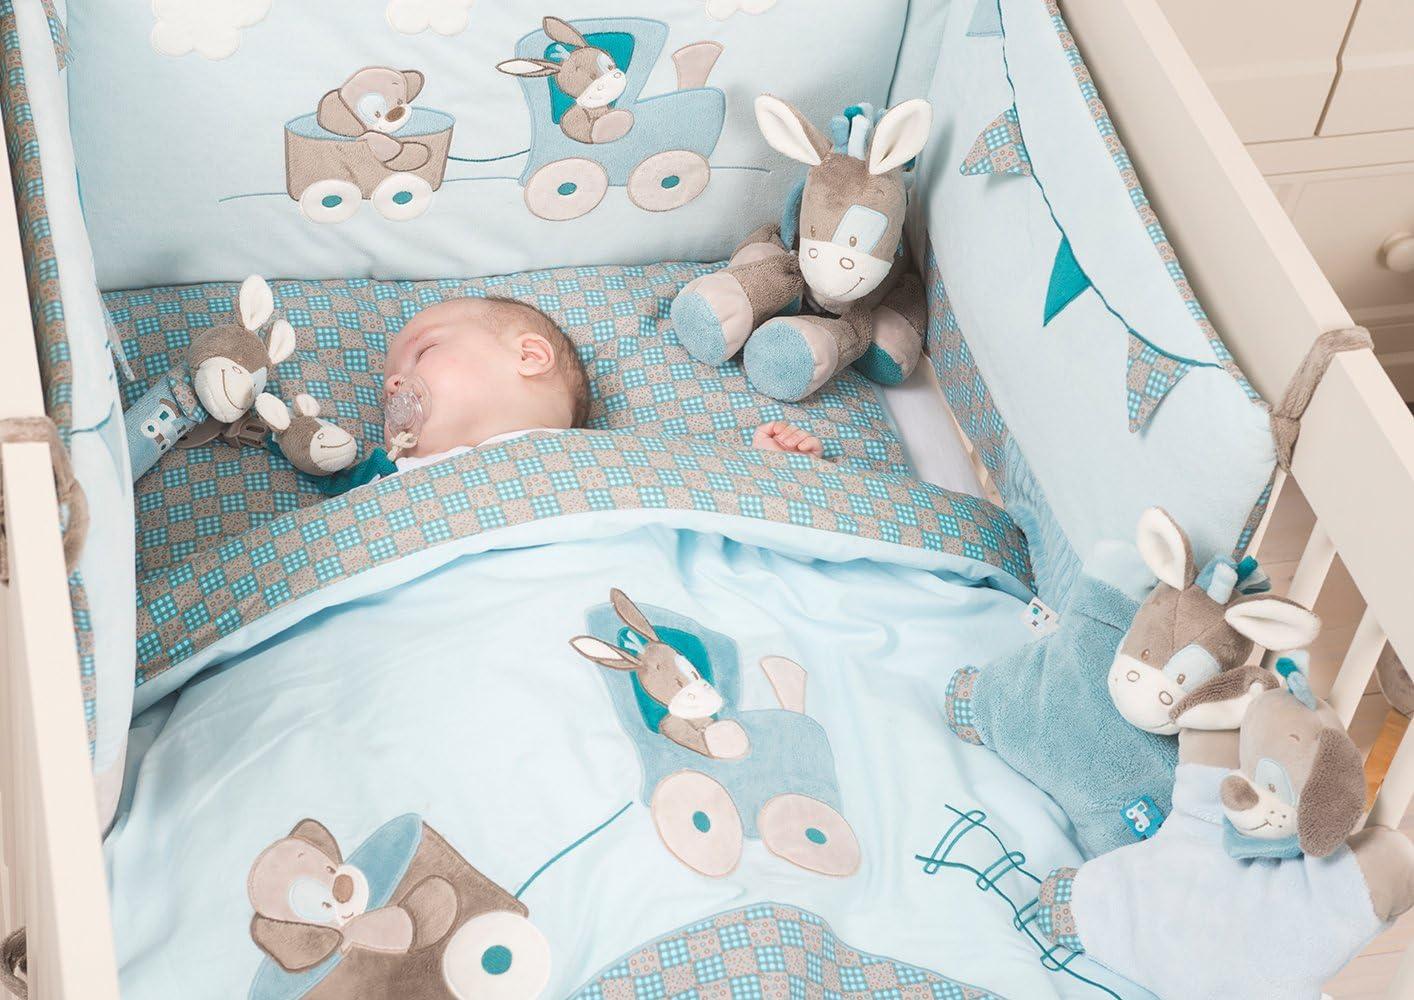 Nattou Tour de lit Bébé 17x17 cm et 17x17 cm, Garçon, bleu - Gaston et  Cyril